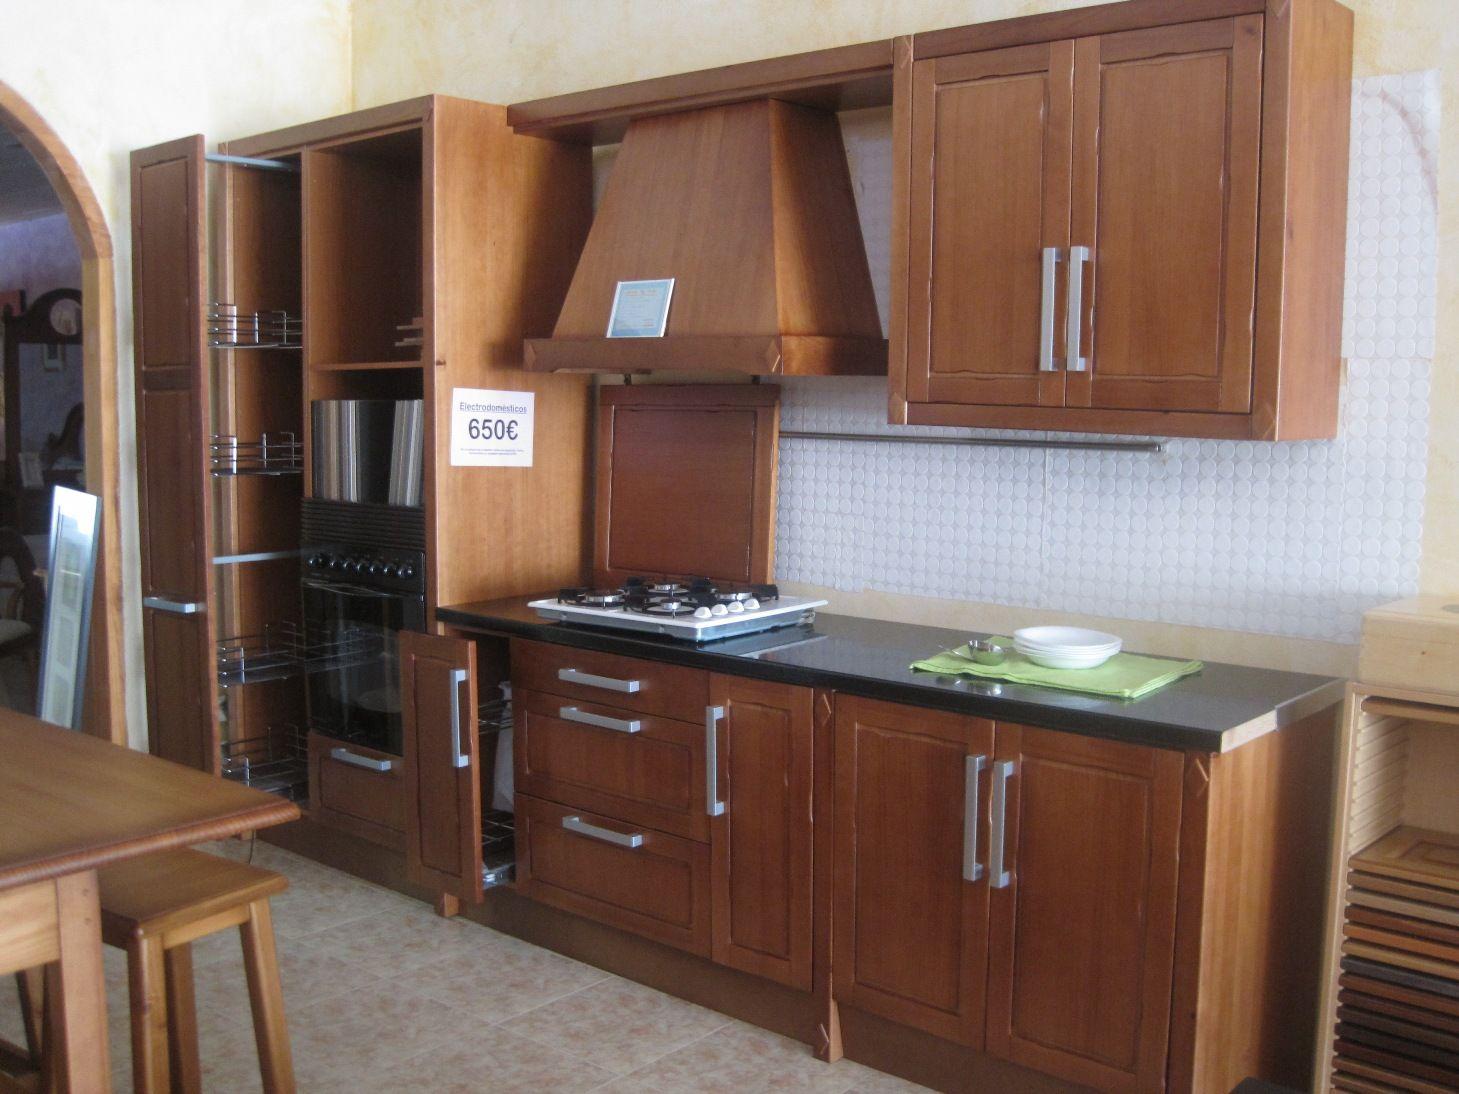 Cocina de exposici n puertas frentes y elementos for Muebles cocina alicante